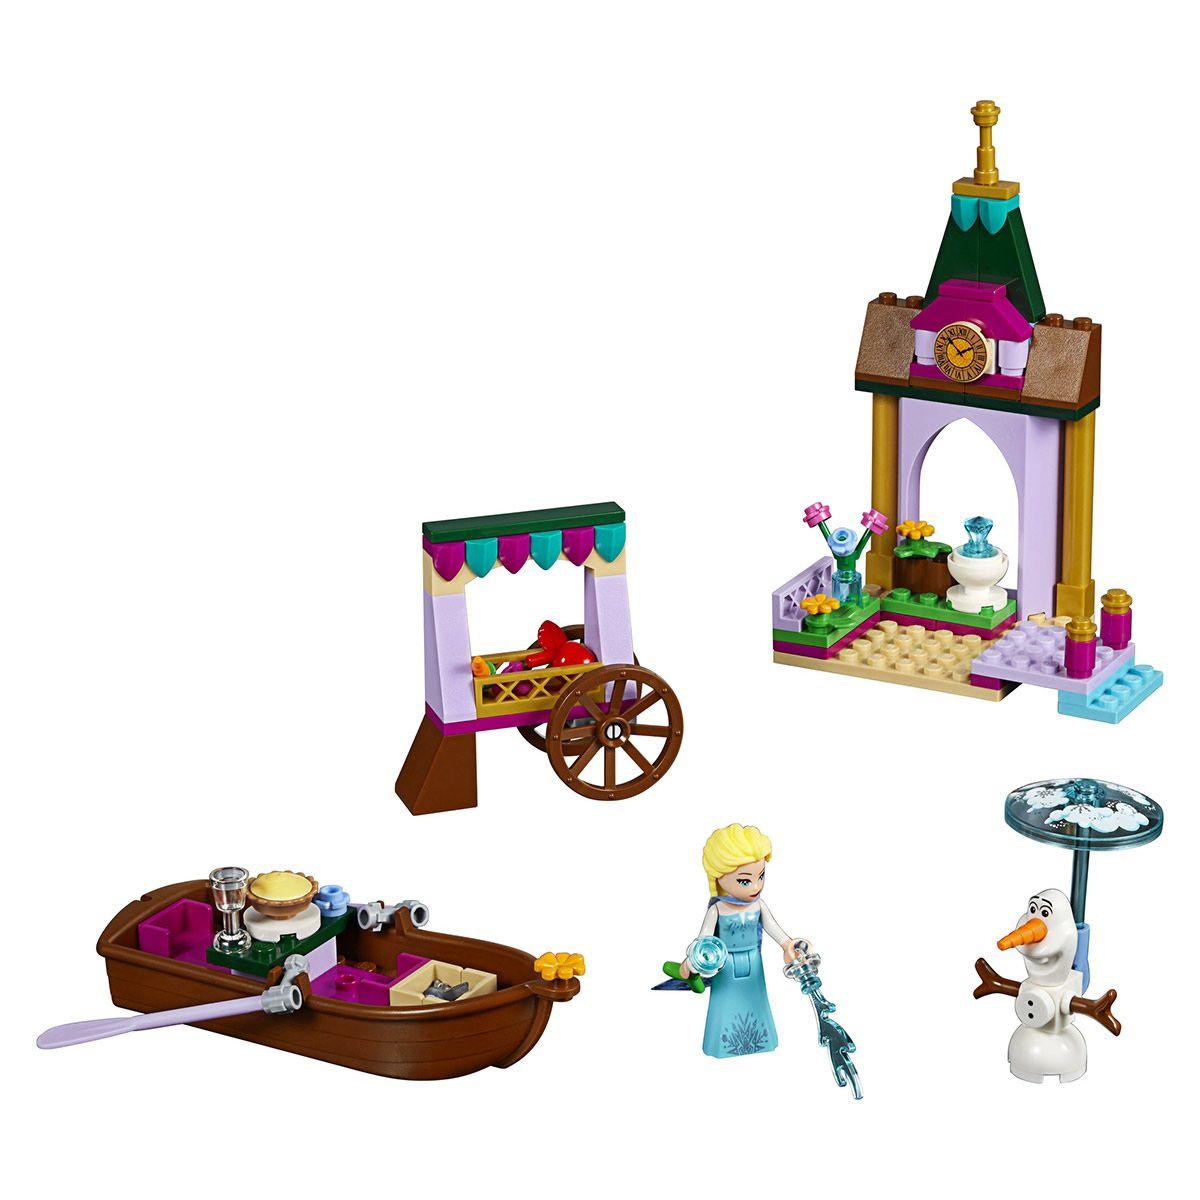 Aventures Lego 41155 Jeux D'elsa Les Marché De Au Disney FuK15lcT3J